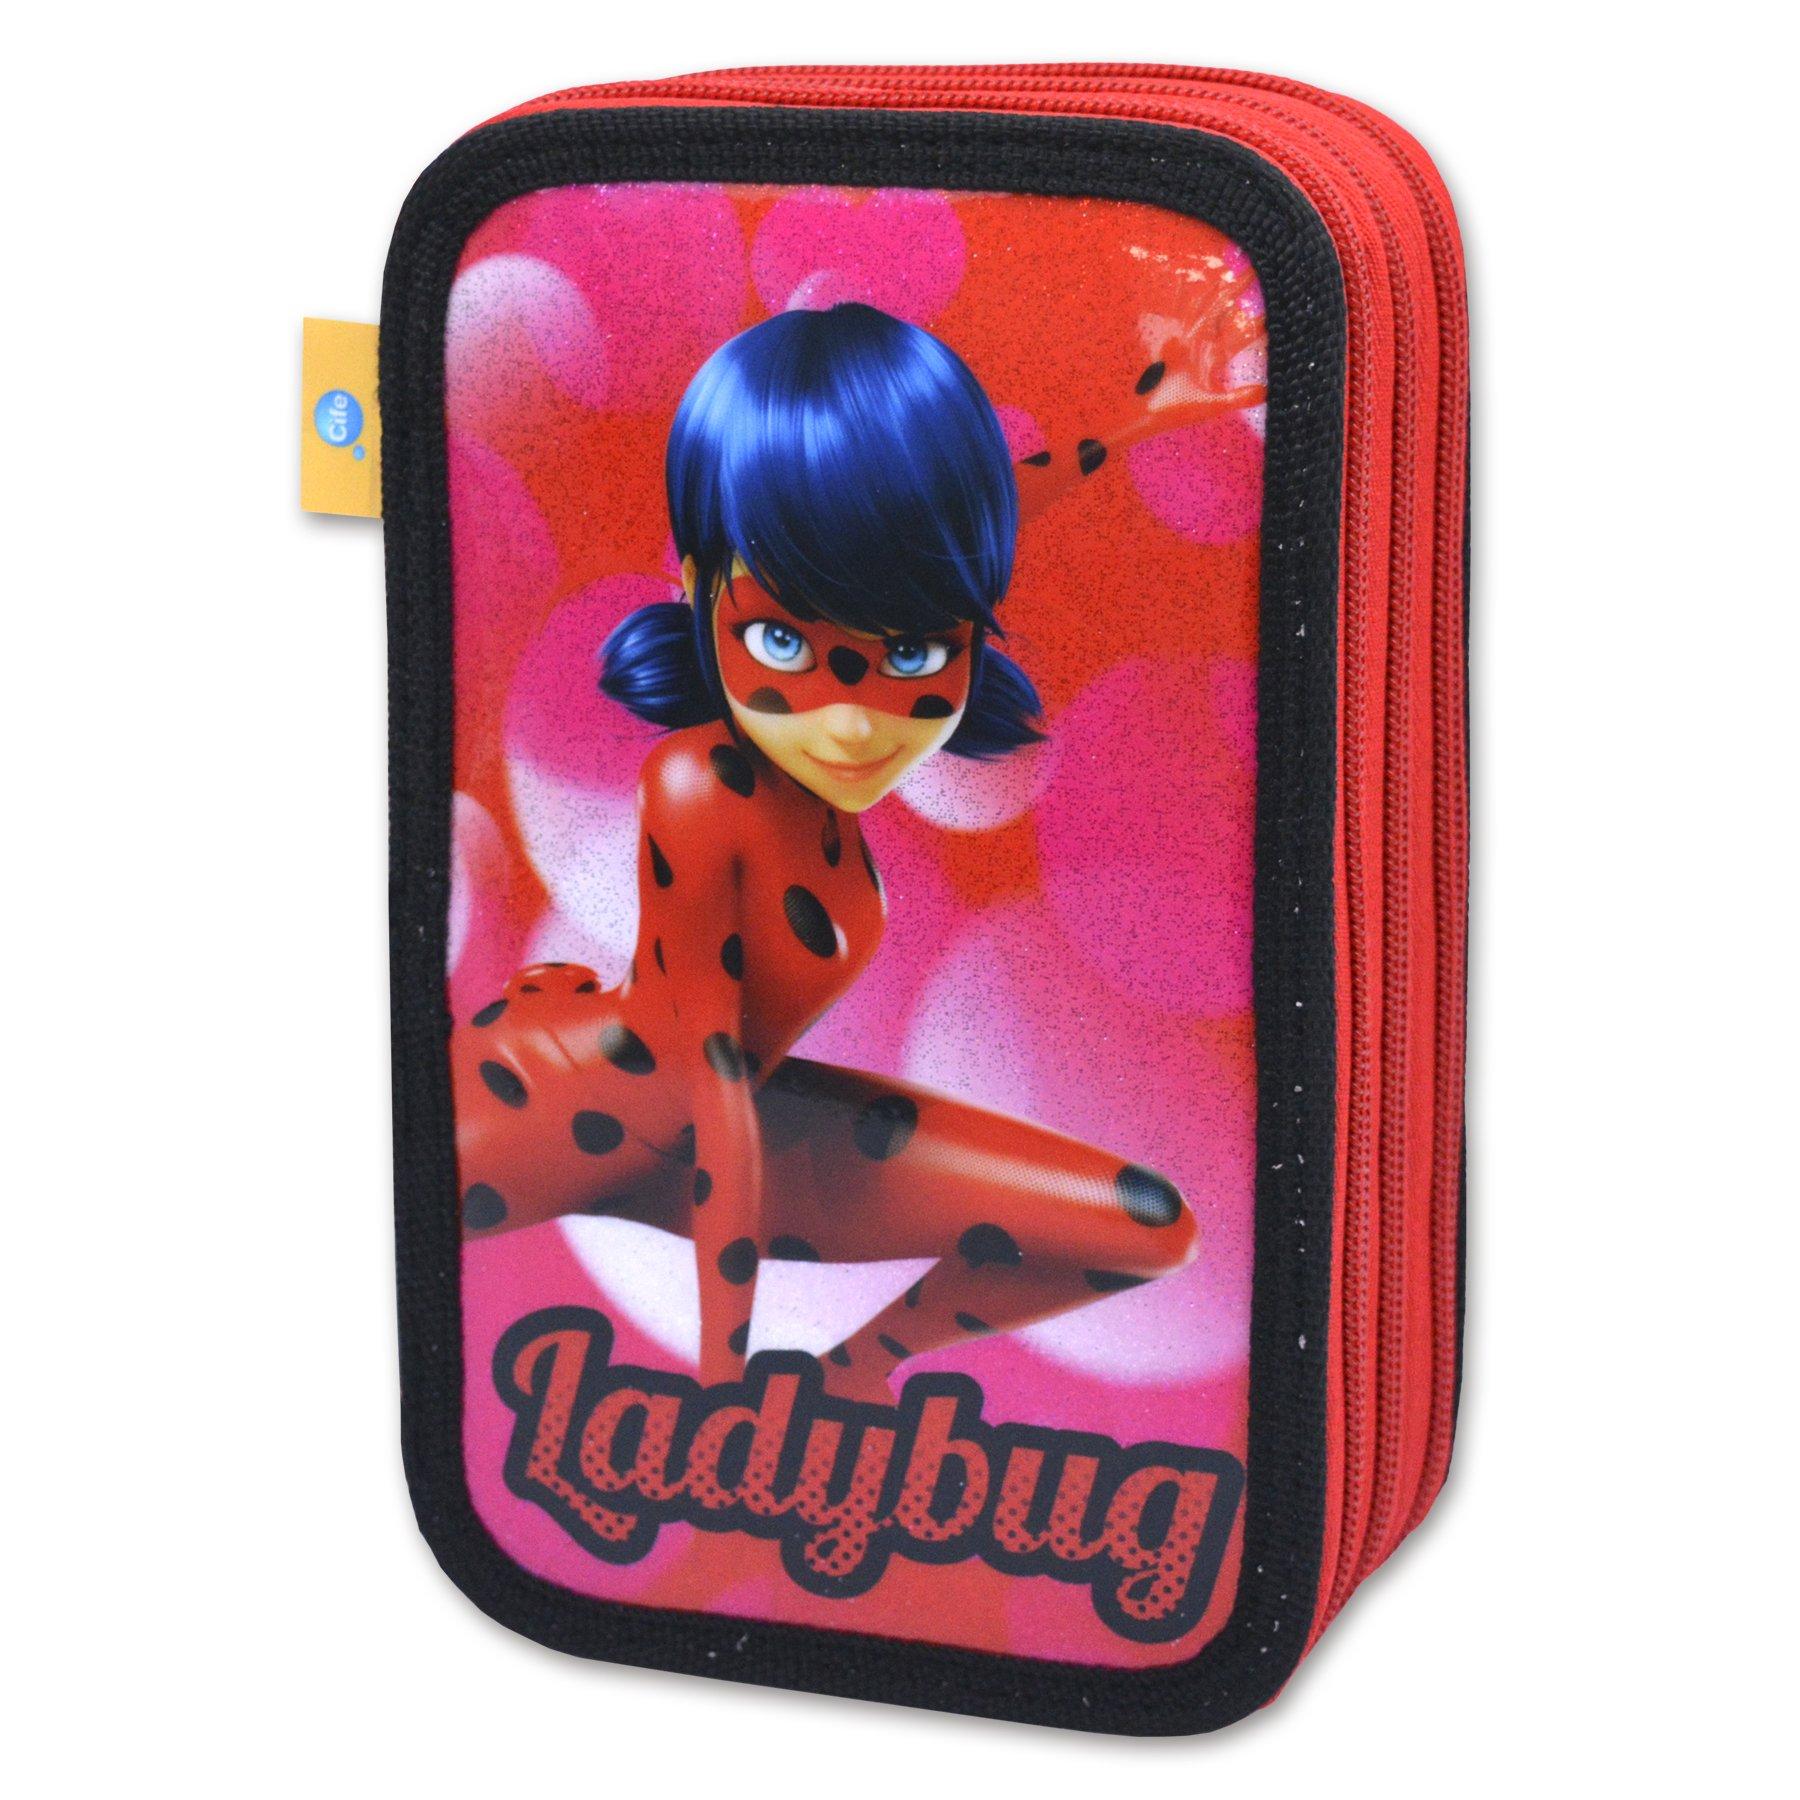 Lady Bag - Estuche 3 Pisos (Cife 40956): Amazon.es: Juguetes y juegos